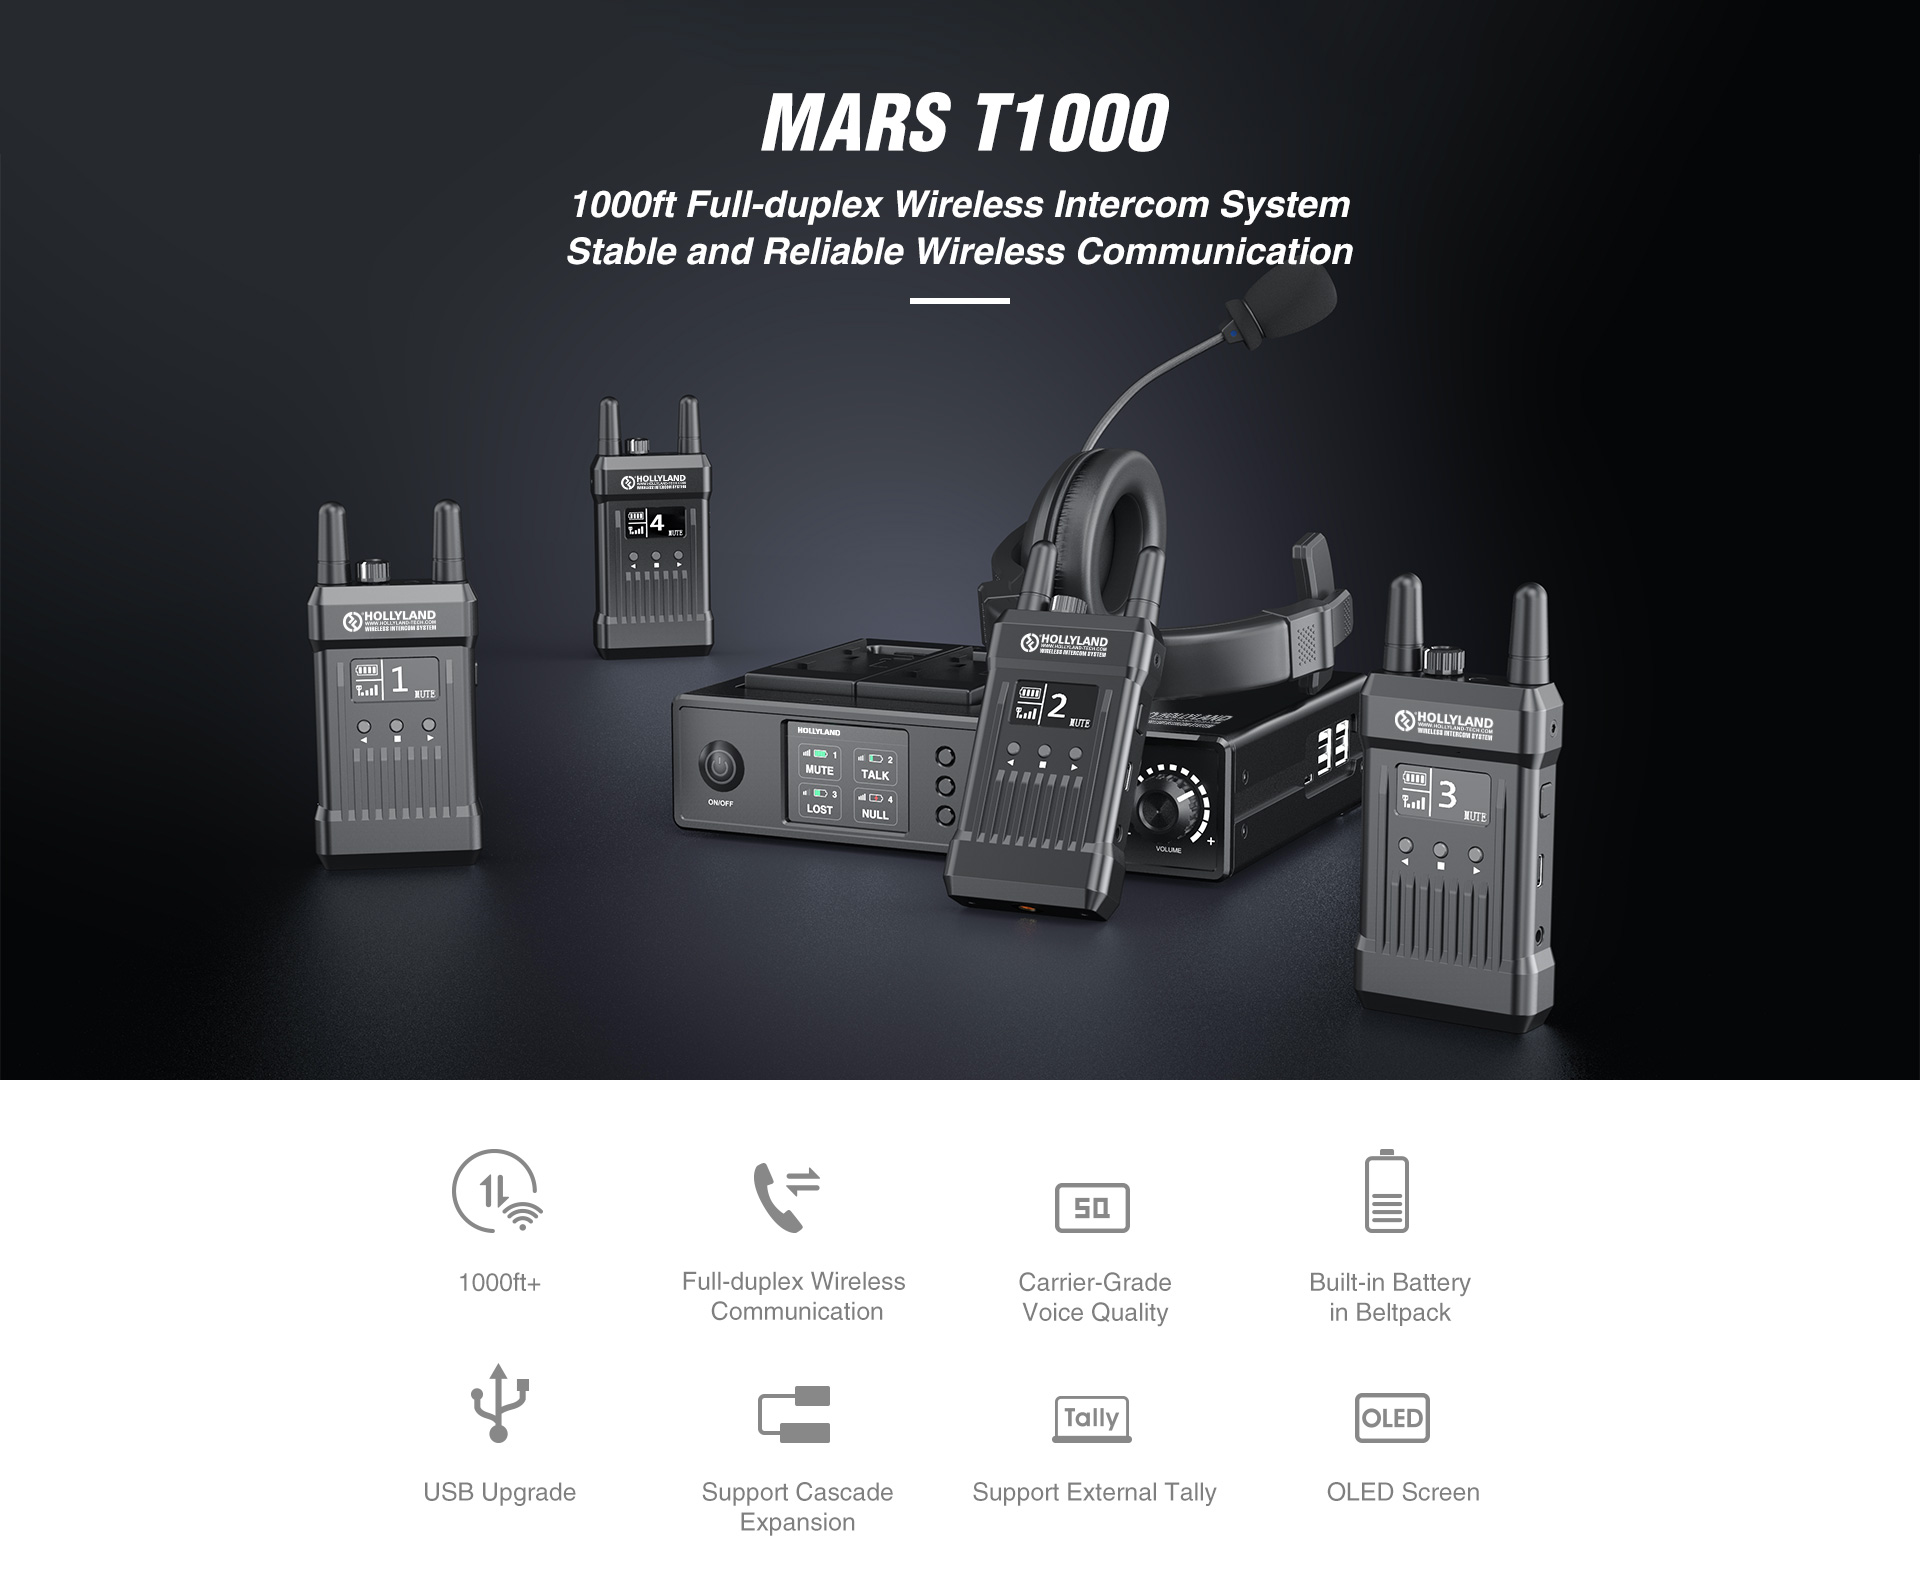 Mars T1000